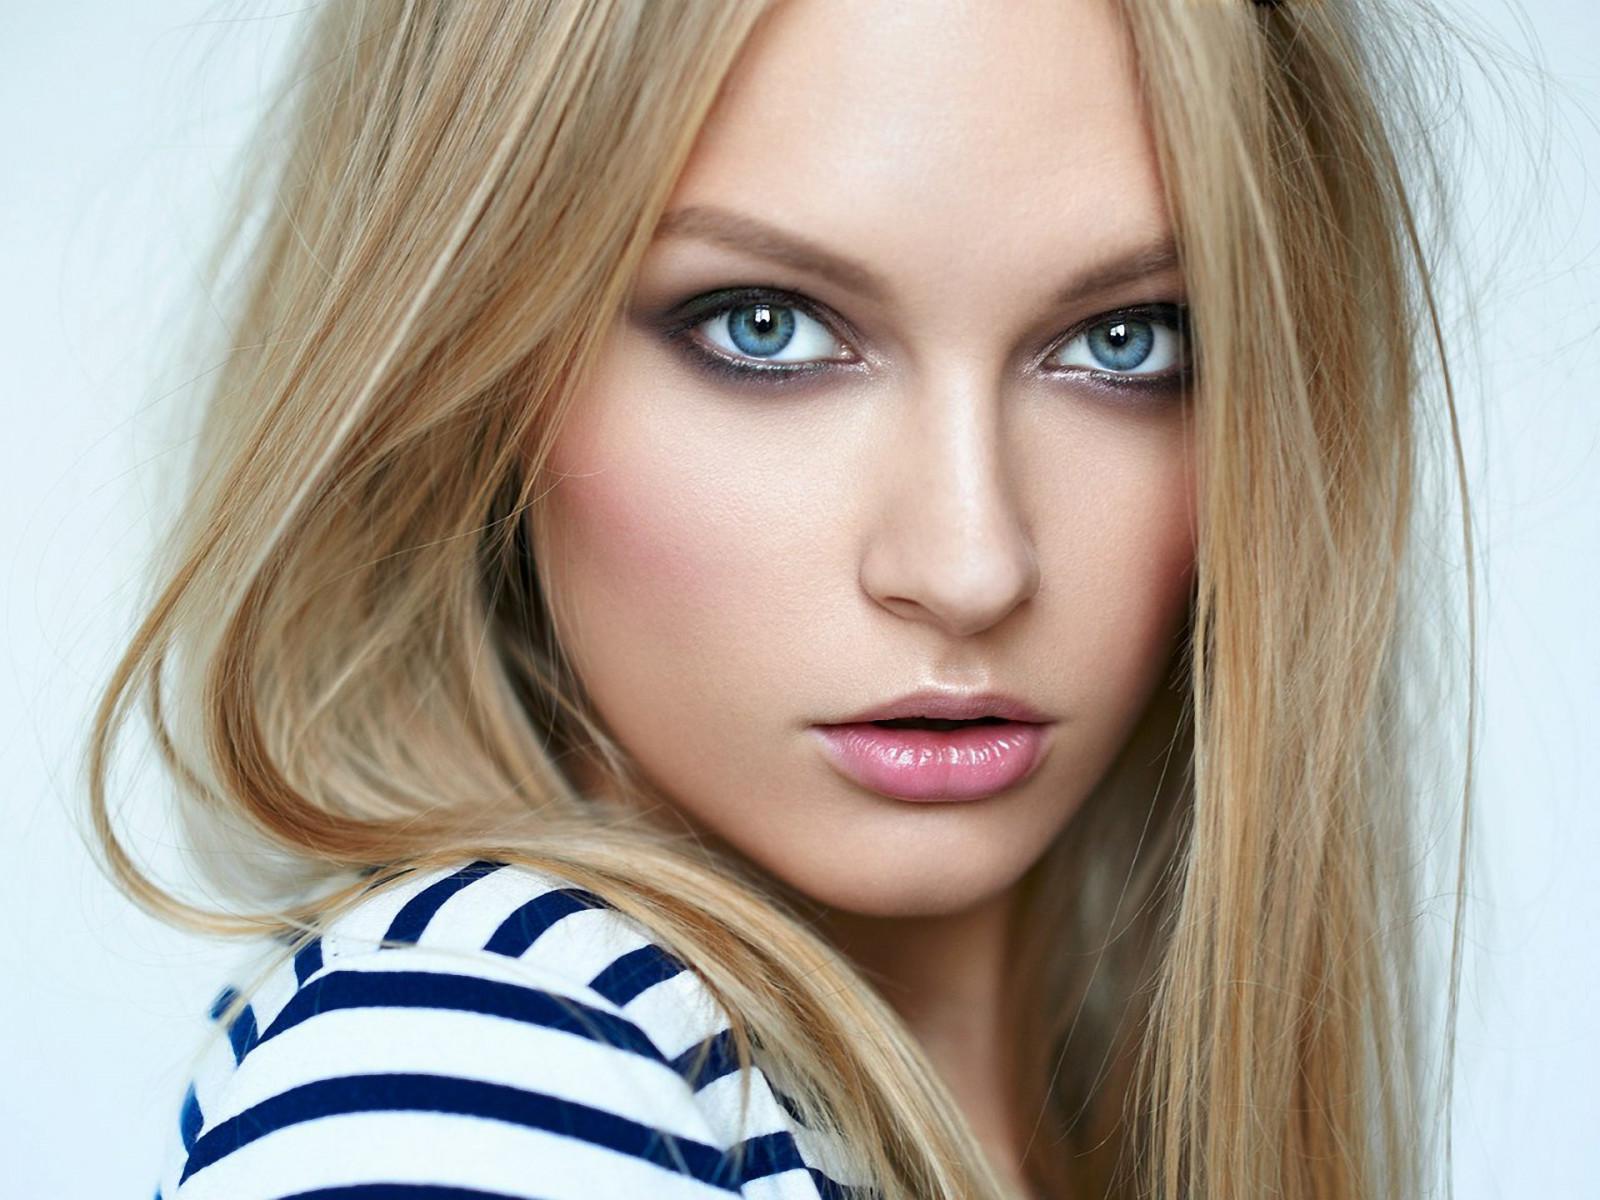 еще английская модель блондинка нравится испытывать возбуждение